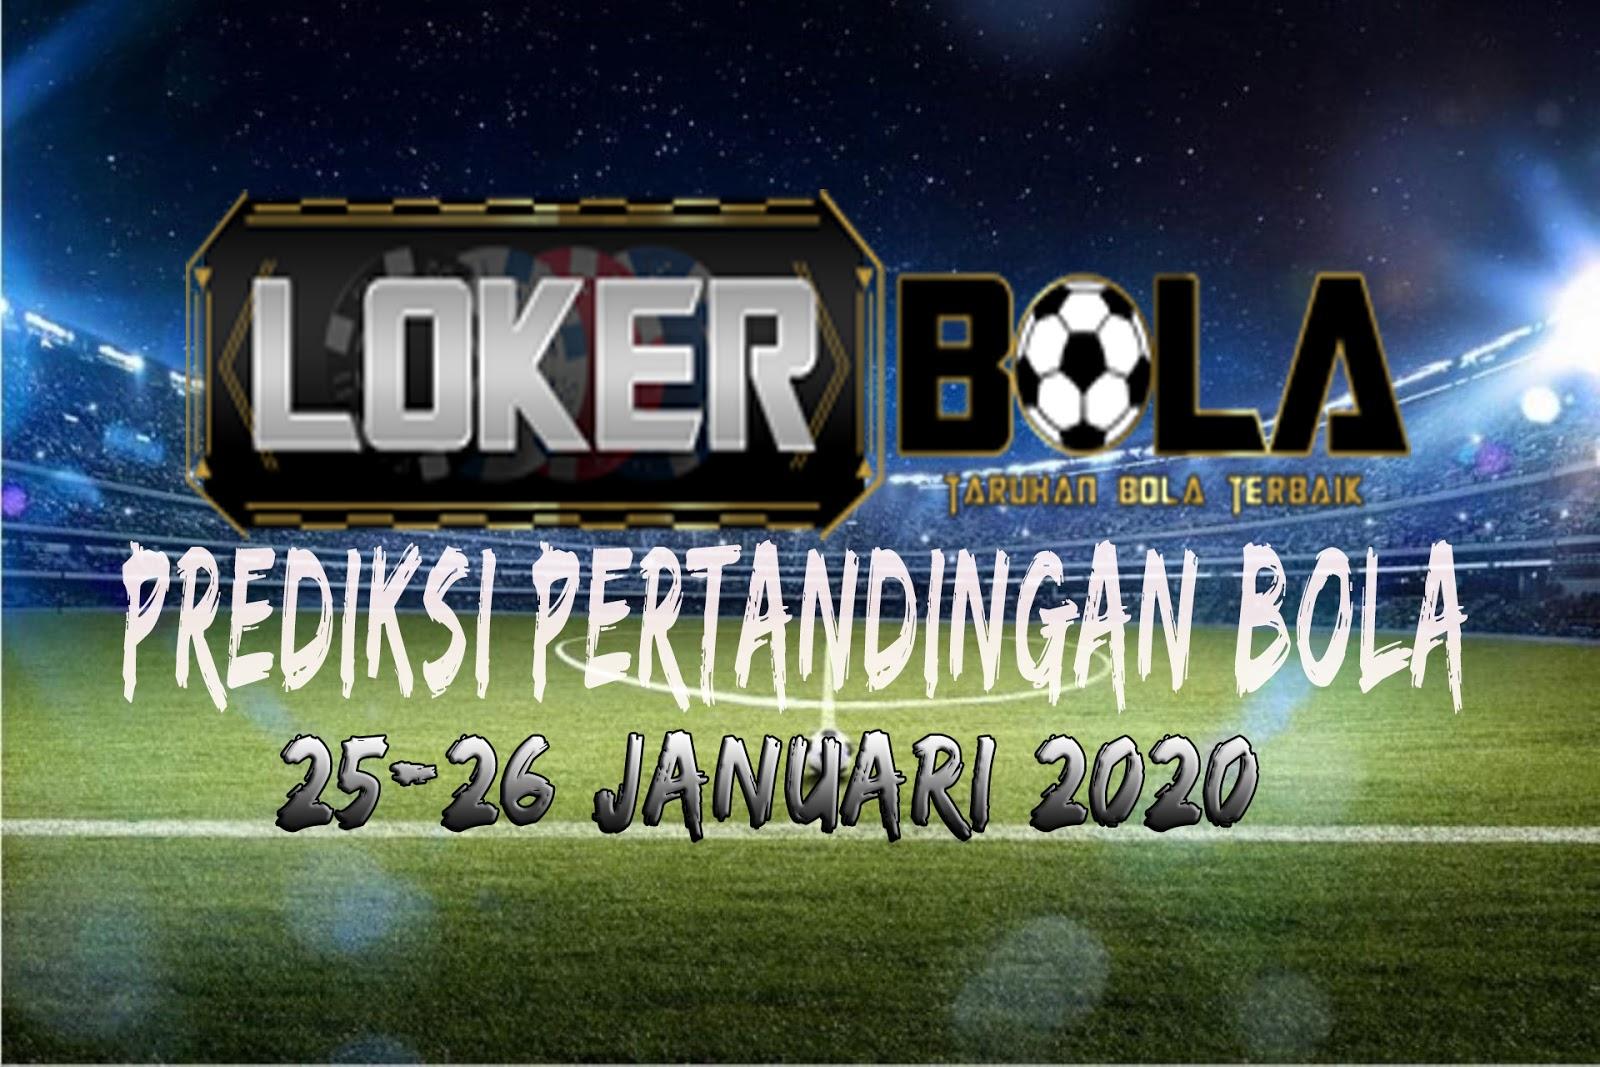 PREDIKSI PERTANDINGAN BOLA 25-26 JANUARI 2020